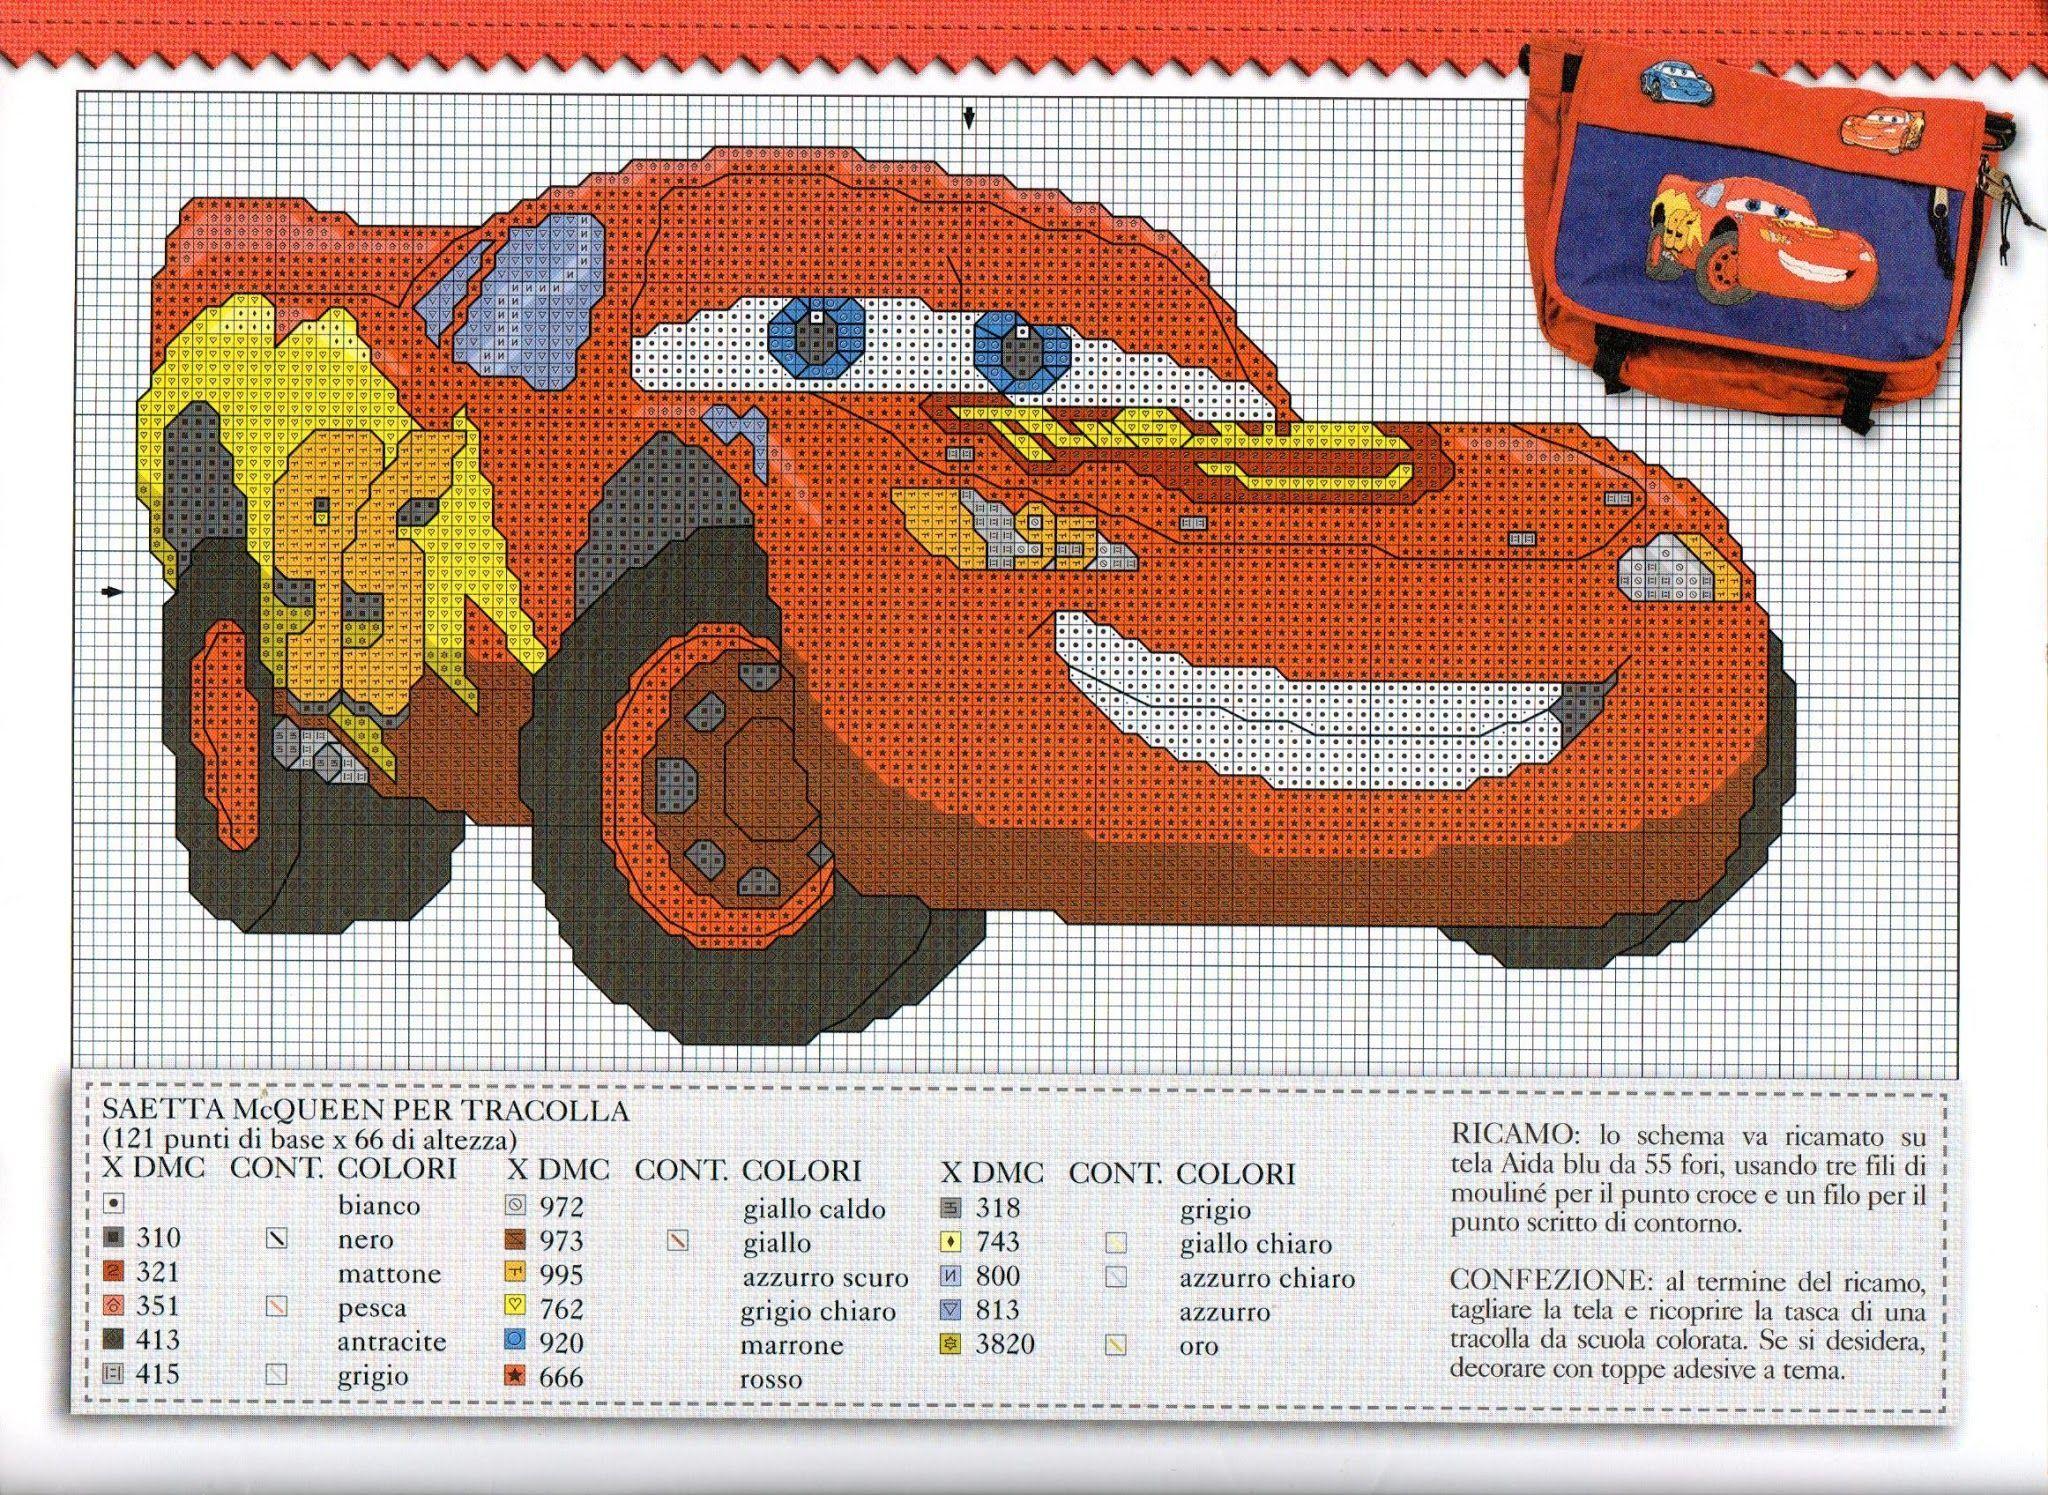 Colorati D Azzurro Chiaro dpc54-04 2 048 × 1 495 pixlar   broderi